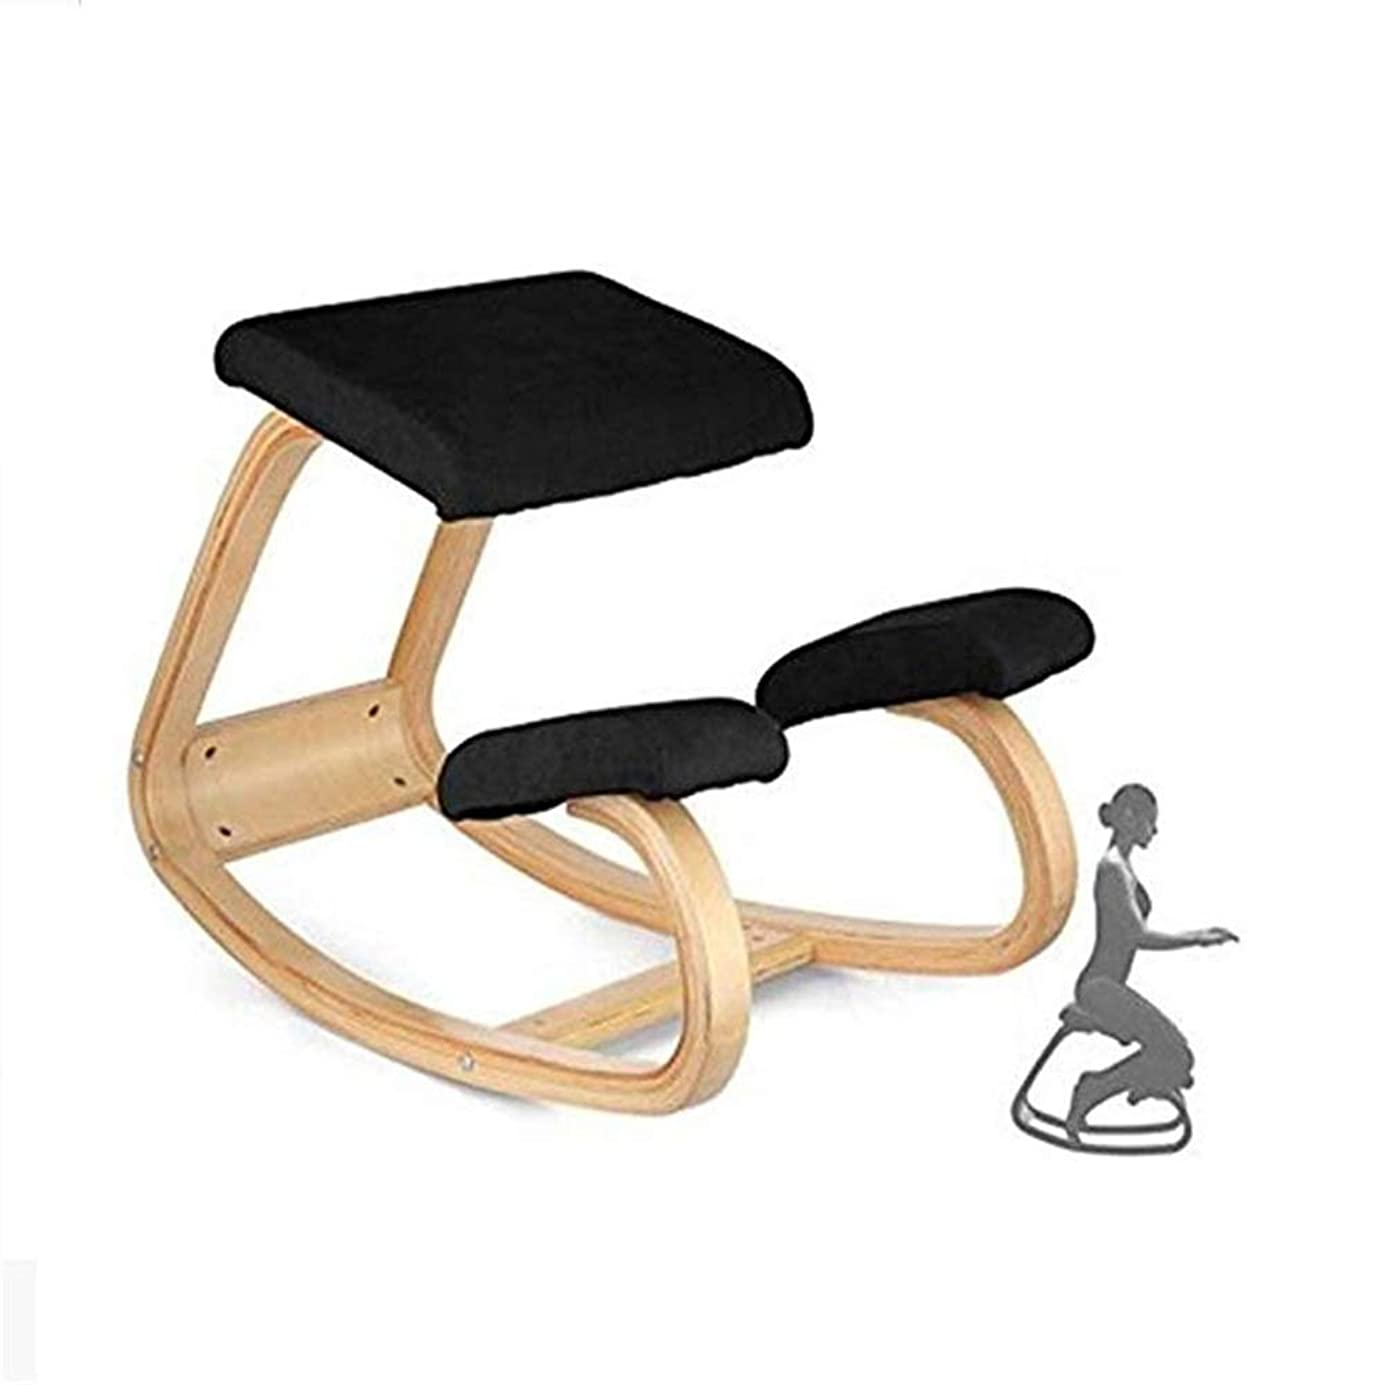 望まない装置エンジニア膝チェア 人間工学に基づいた整形外科用ひざまずく椅子大人子供健康ホームオフィスチェアナチュラルラッカー仕上げ木材の使用 姿勢矯正 椅子 (色 : ブラック, サイズ : 72*45*53cm)